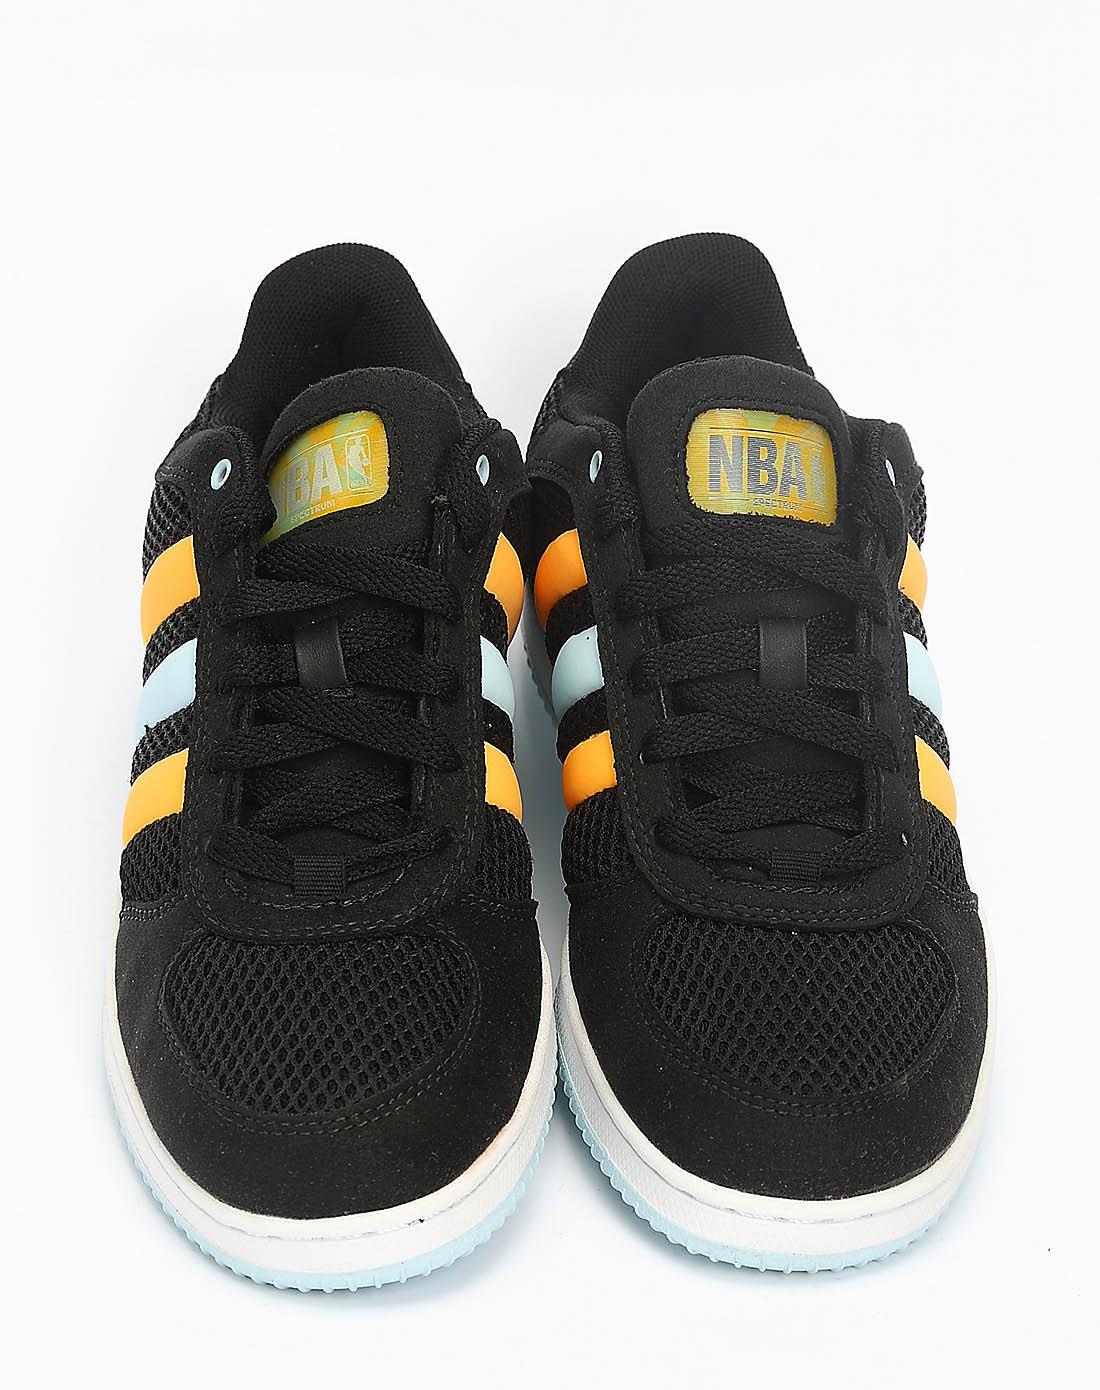 阿迪达斯adidas女鞋专场-女子黑色篮球鞋